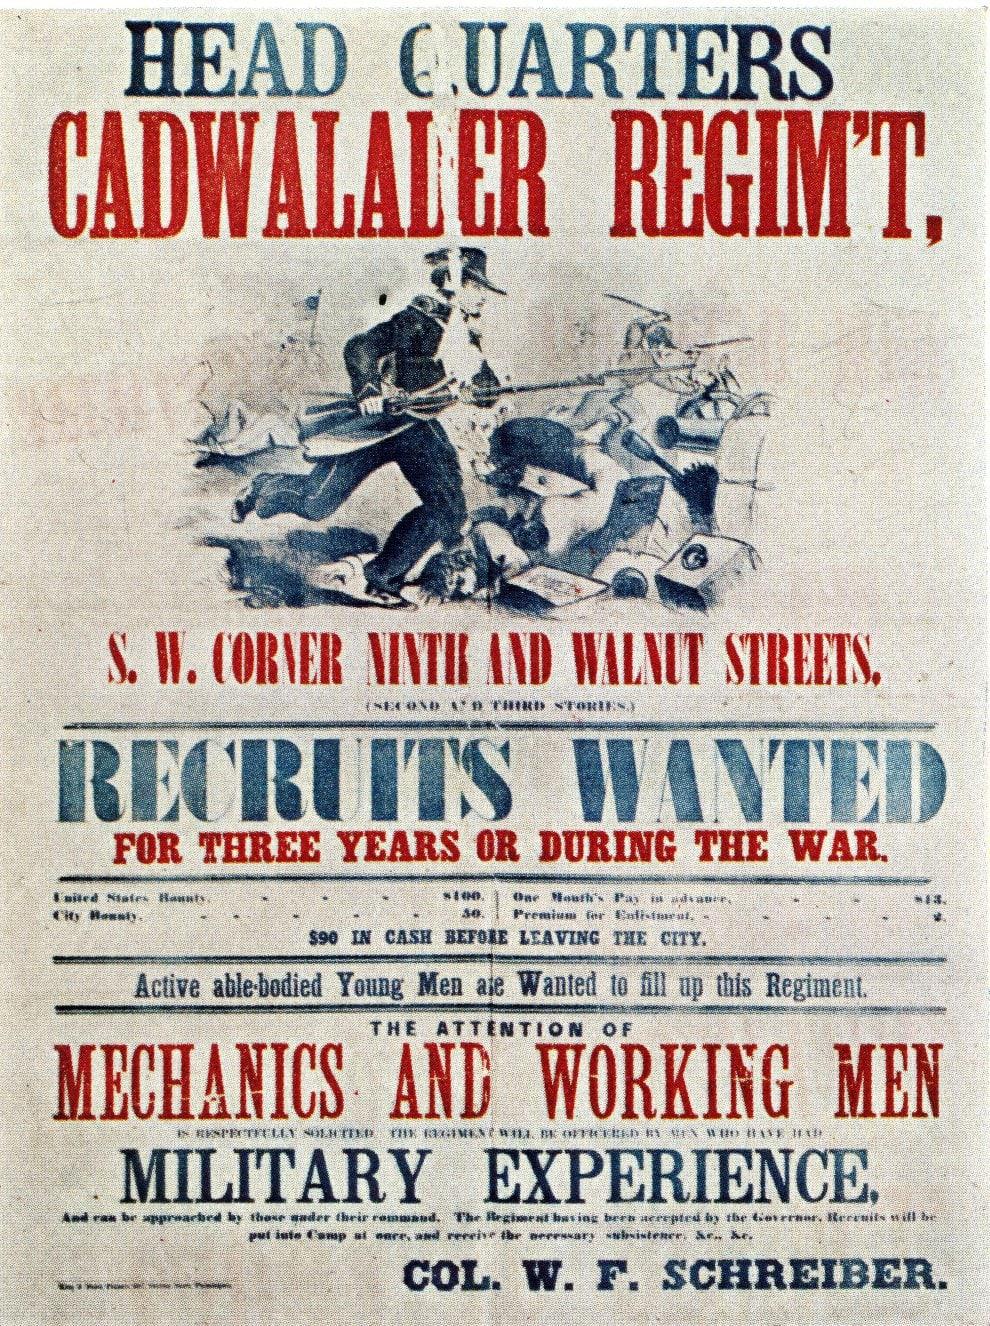 Head quartersCadwalader Regiment - Civil War recruitment